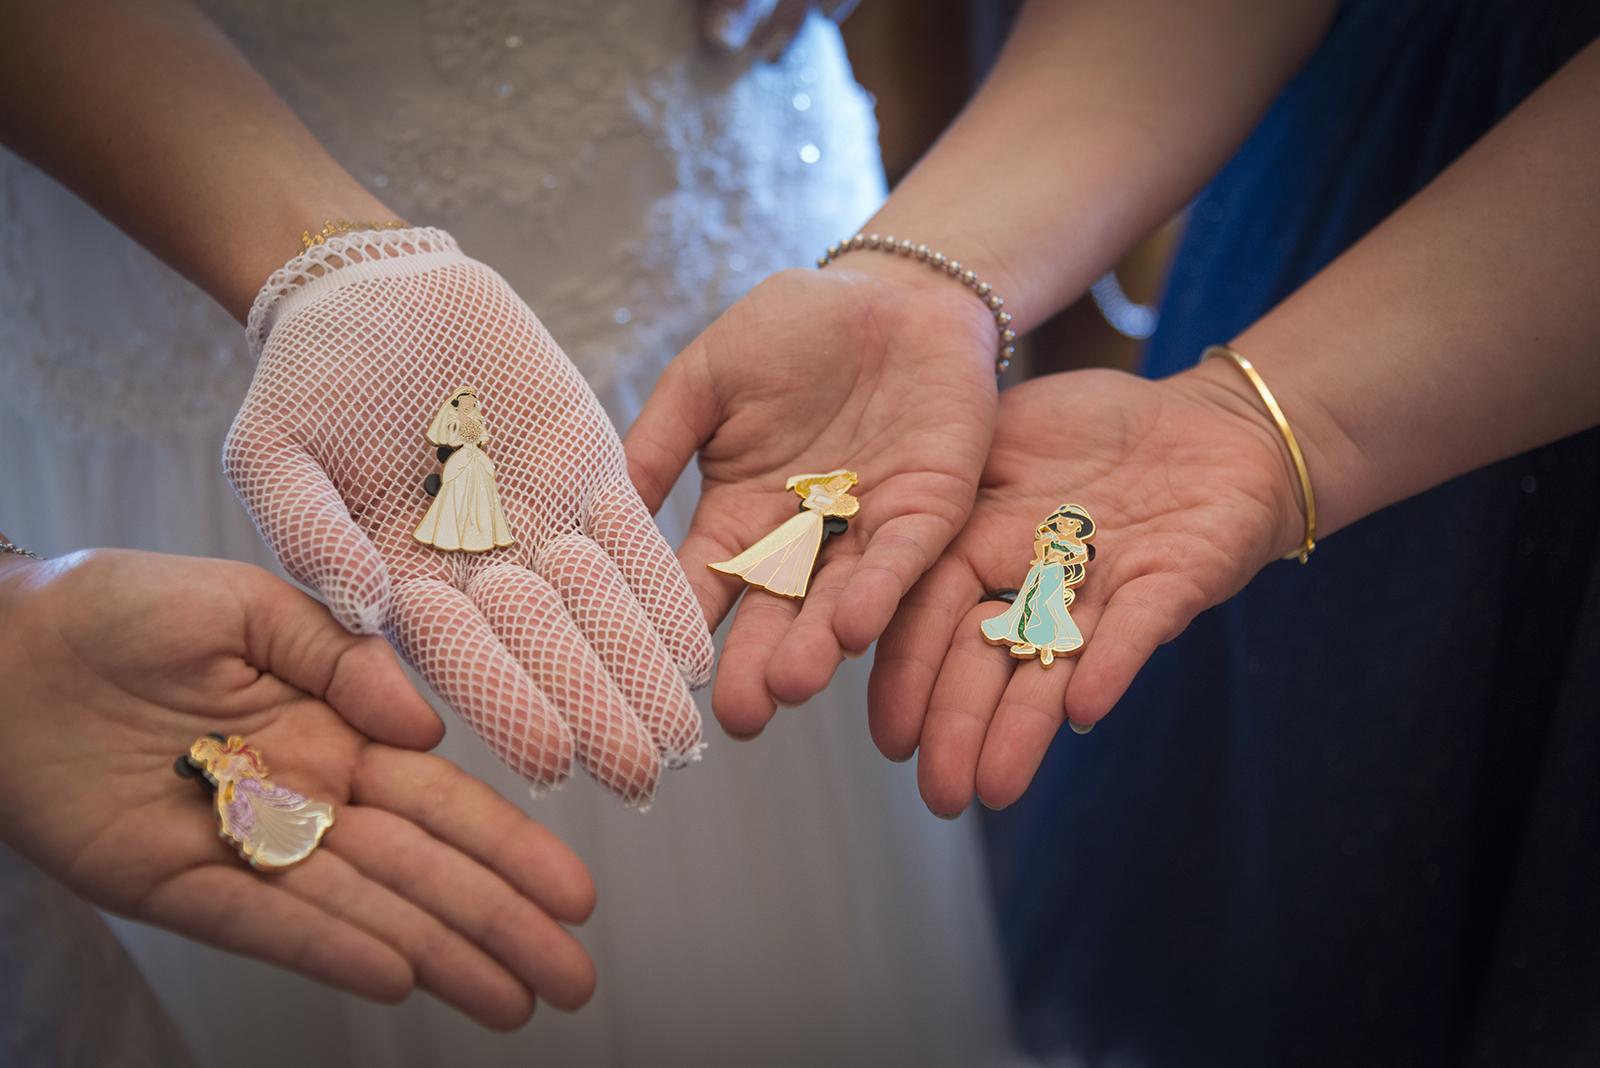 broches disney dans les mains de jeunes femmes